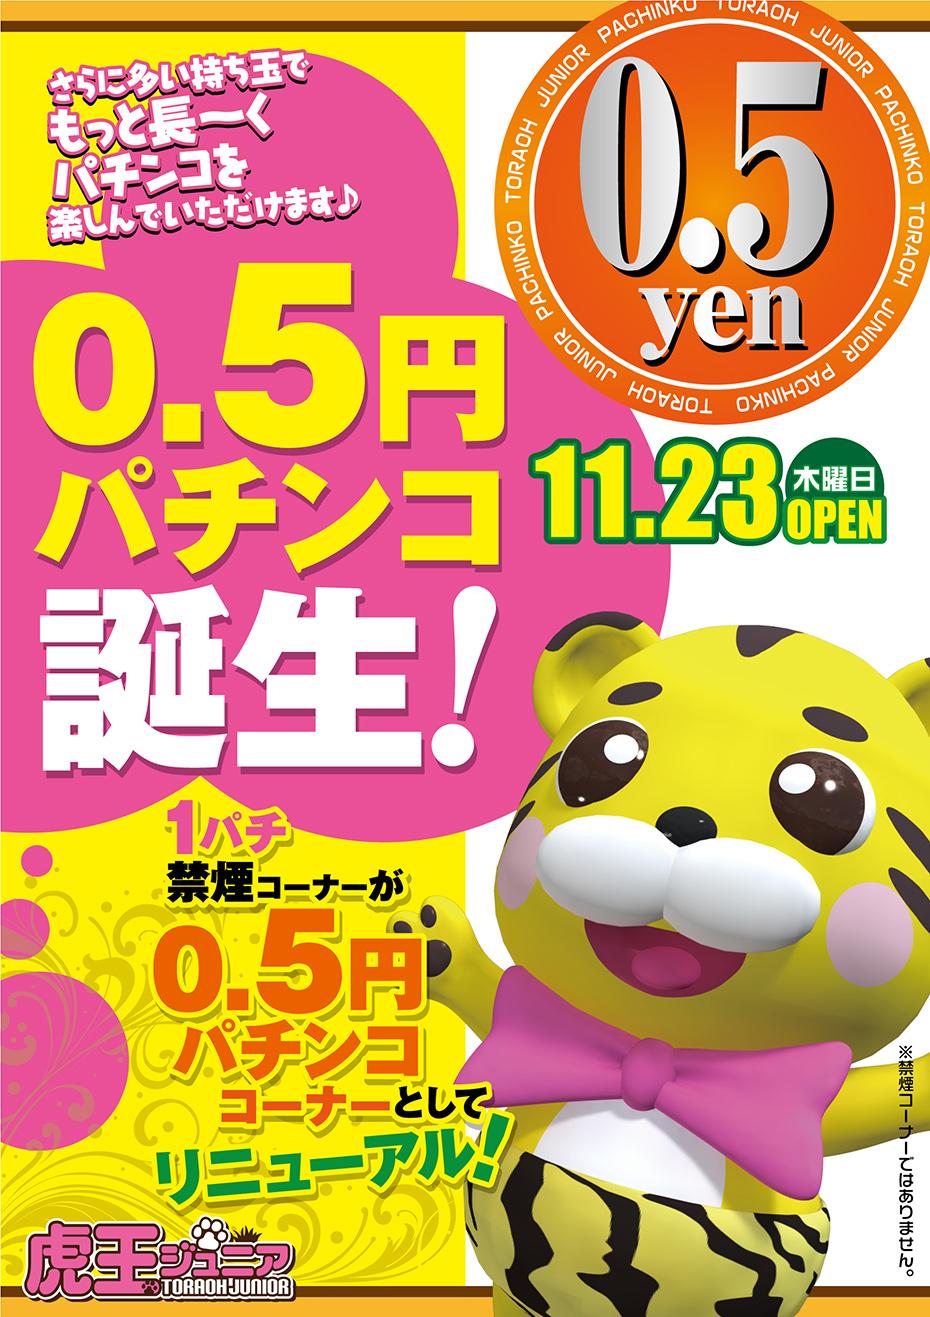 11.23虎王ジュニア・0.5パチ誕生